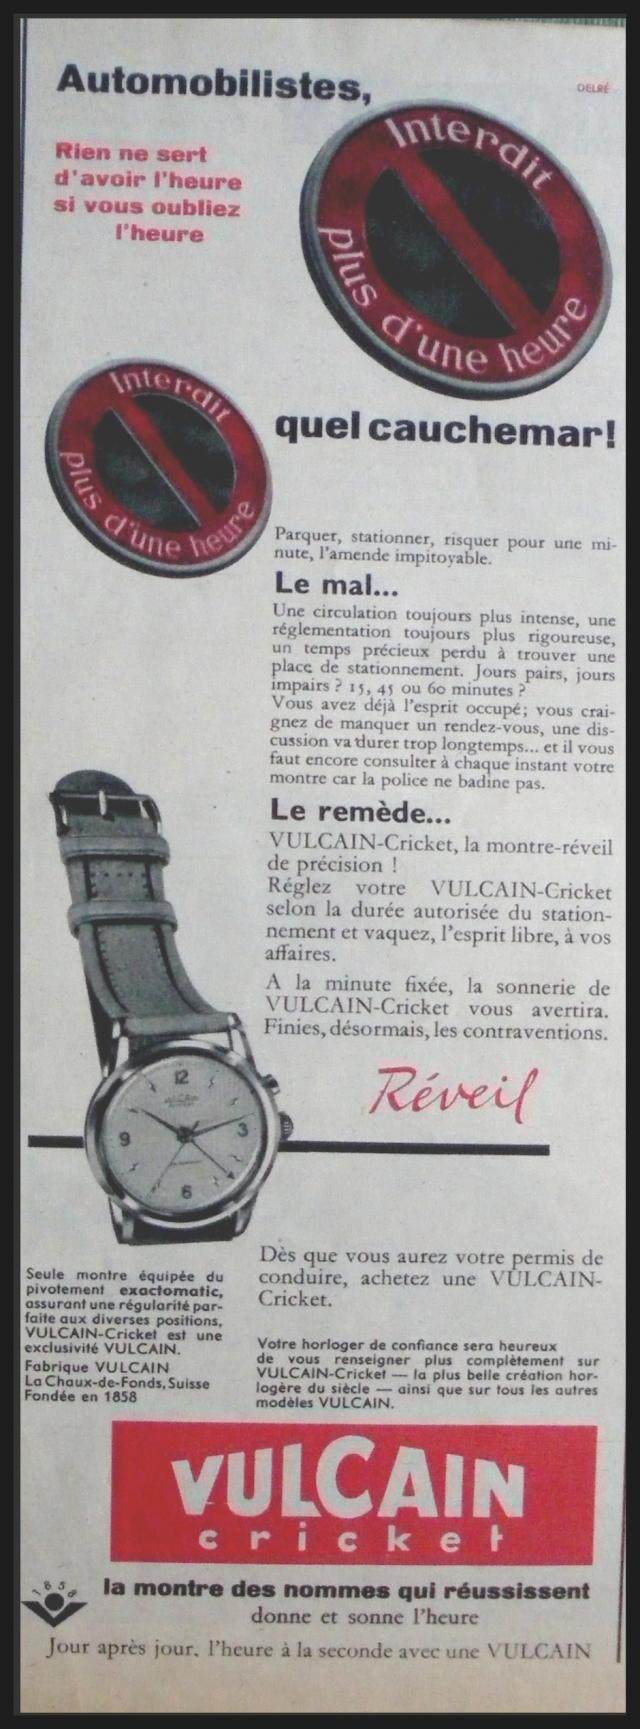 [Publicité de 1956] Echapper aux amendes grâce à Vulcain Cricket... 1011141241421080537113043